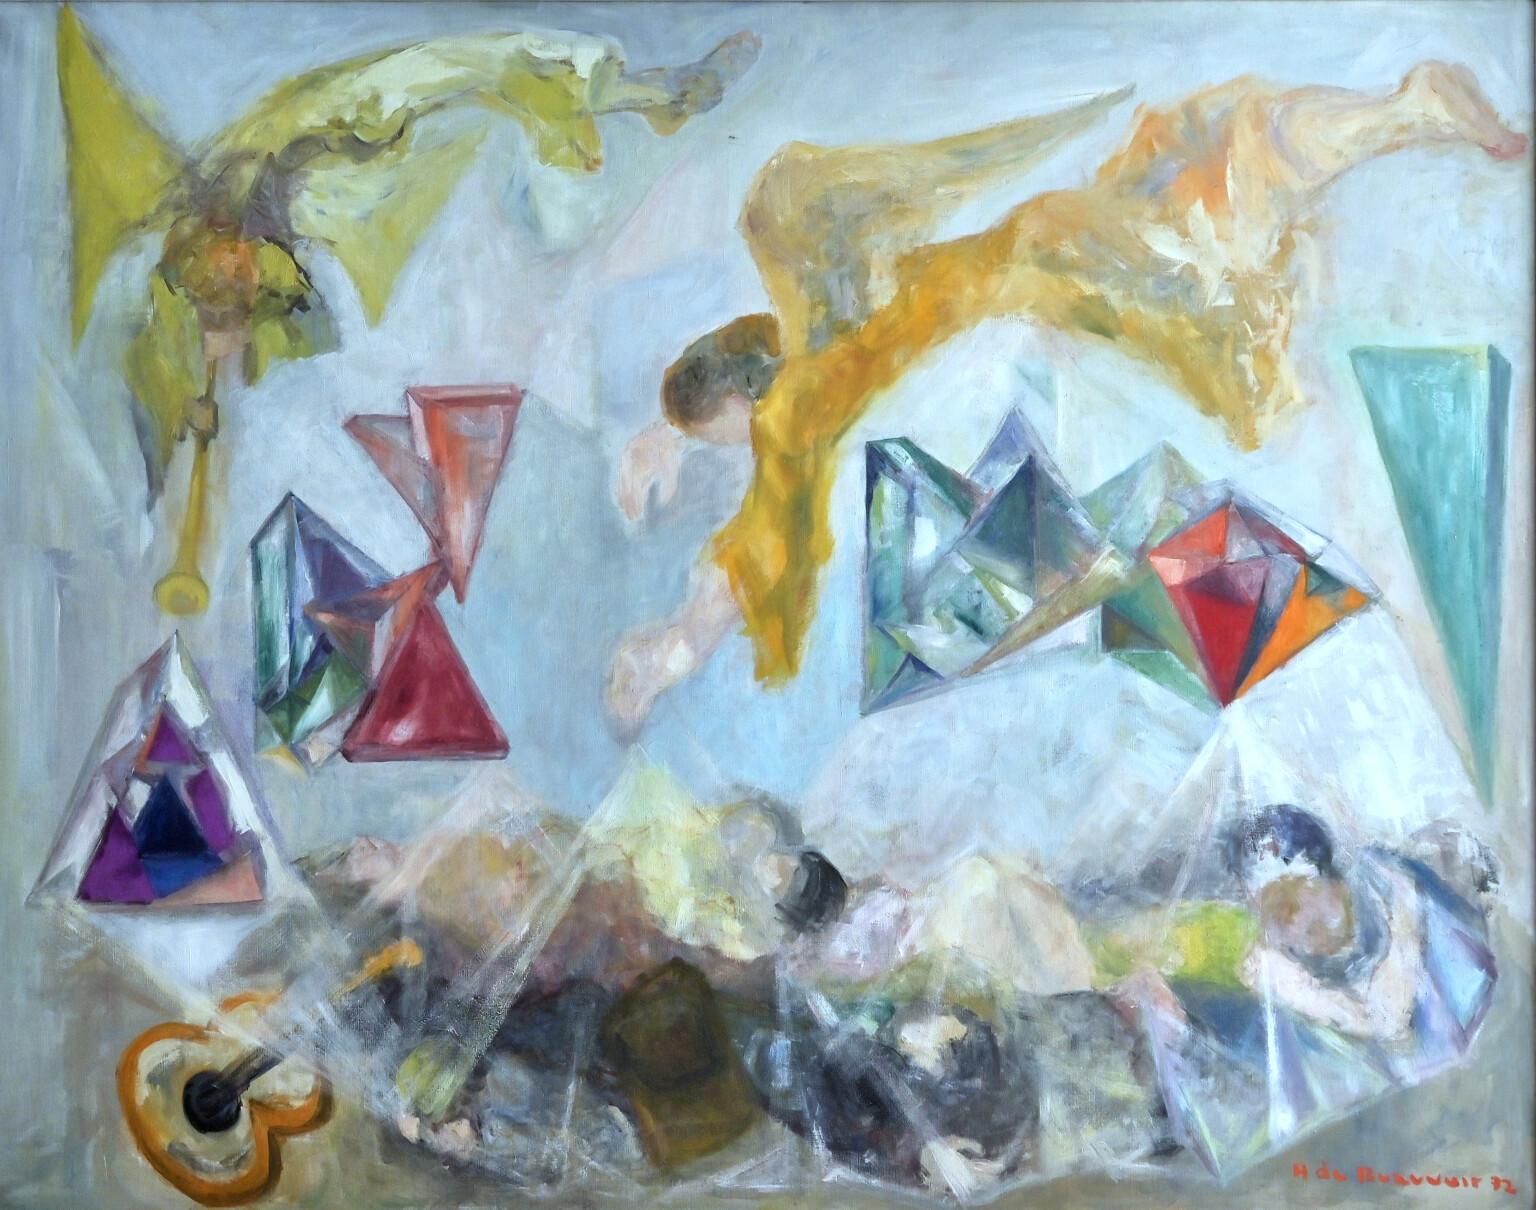 Bild des Werkes mit dem Titel: A Venise les anges réveillent les hippies (Die Engel wecken die Hippies in Venedig)